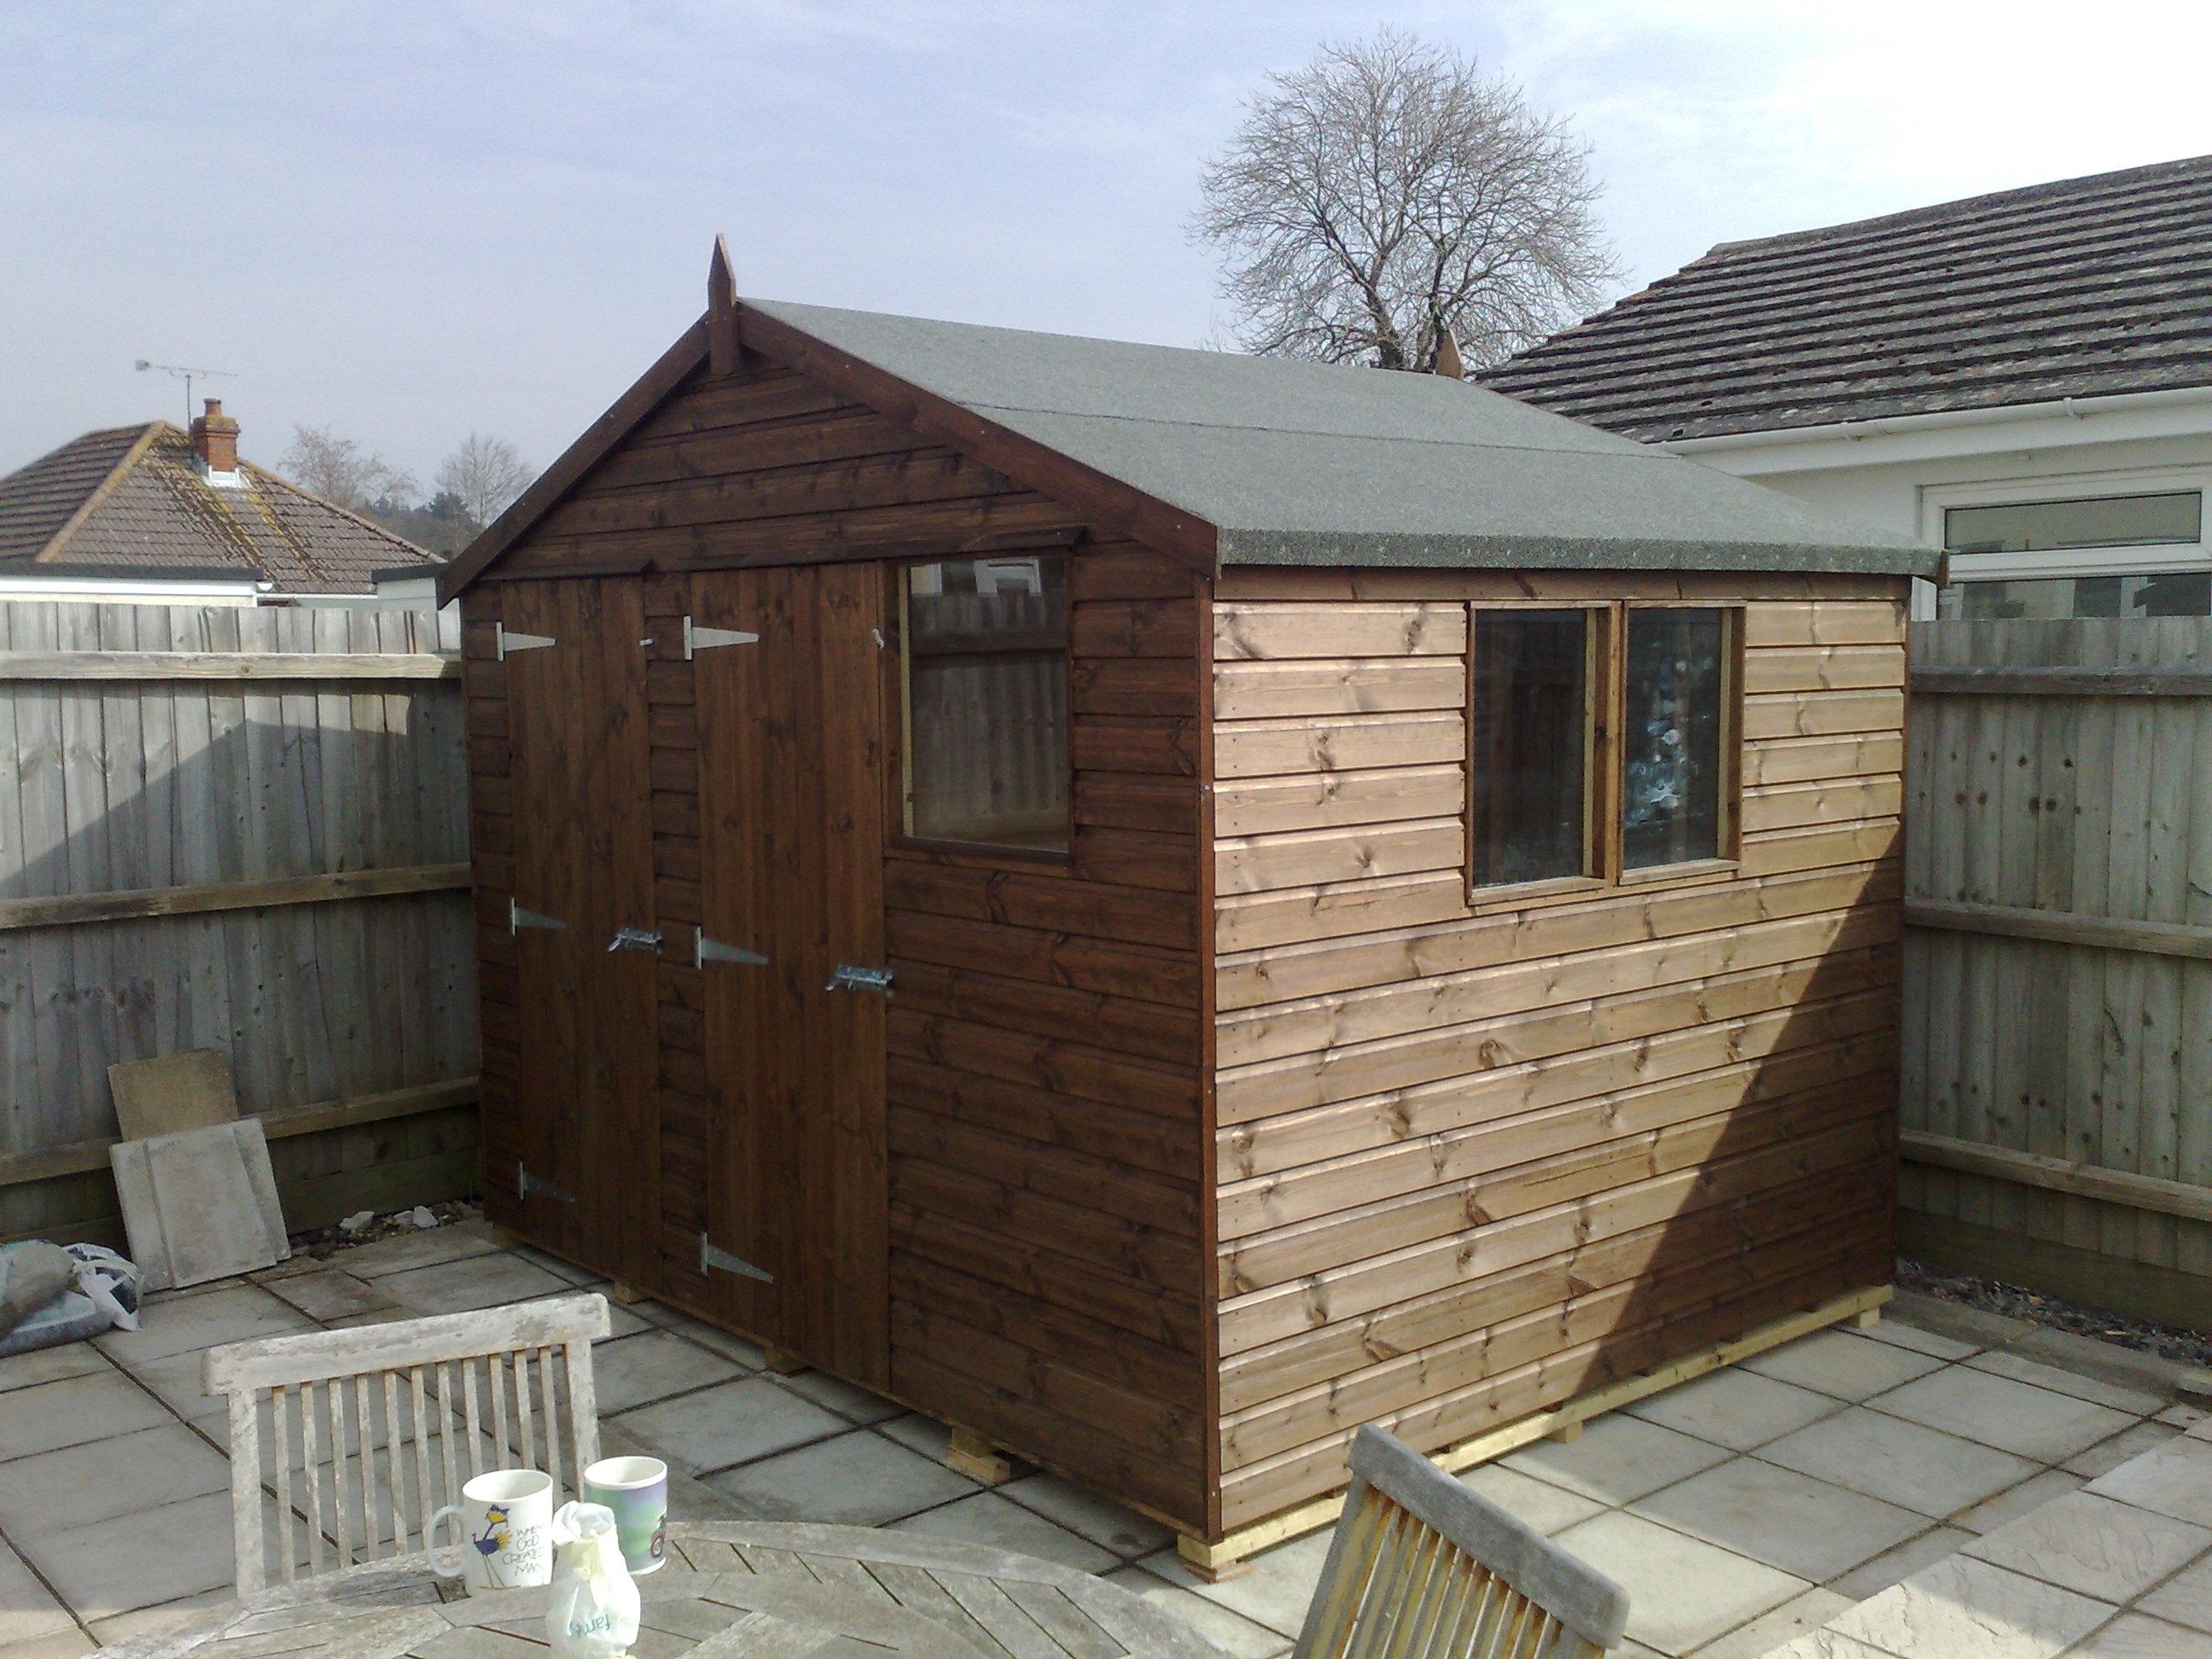 heavy duty dorset sheds. Black Bedroom Furniture Sets. Home Design Ideas